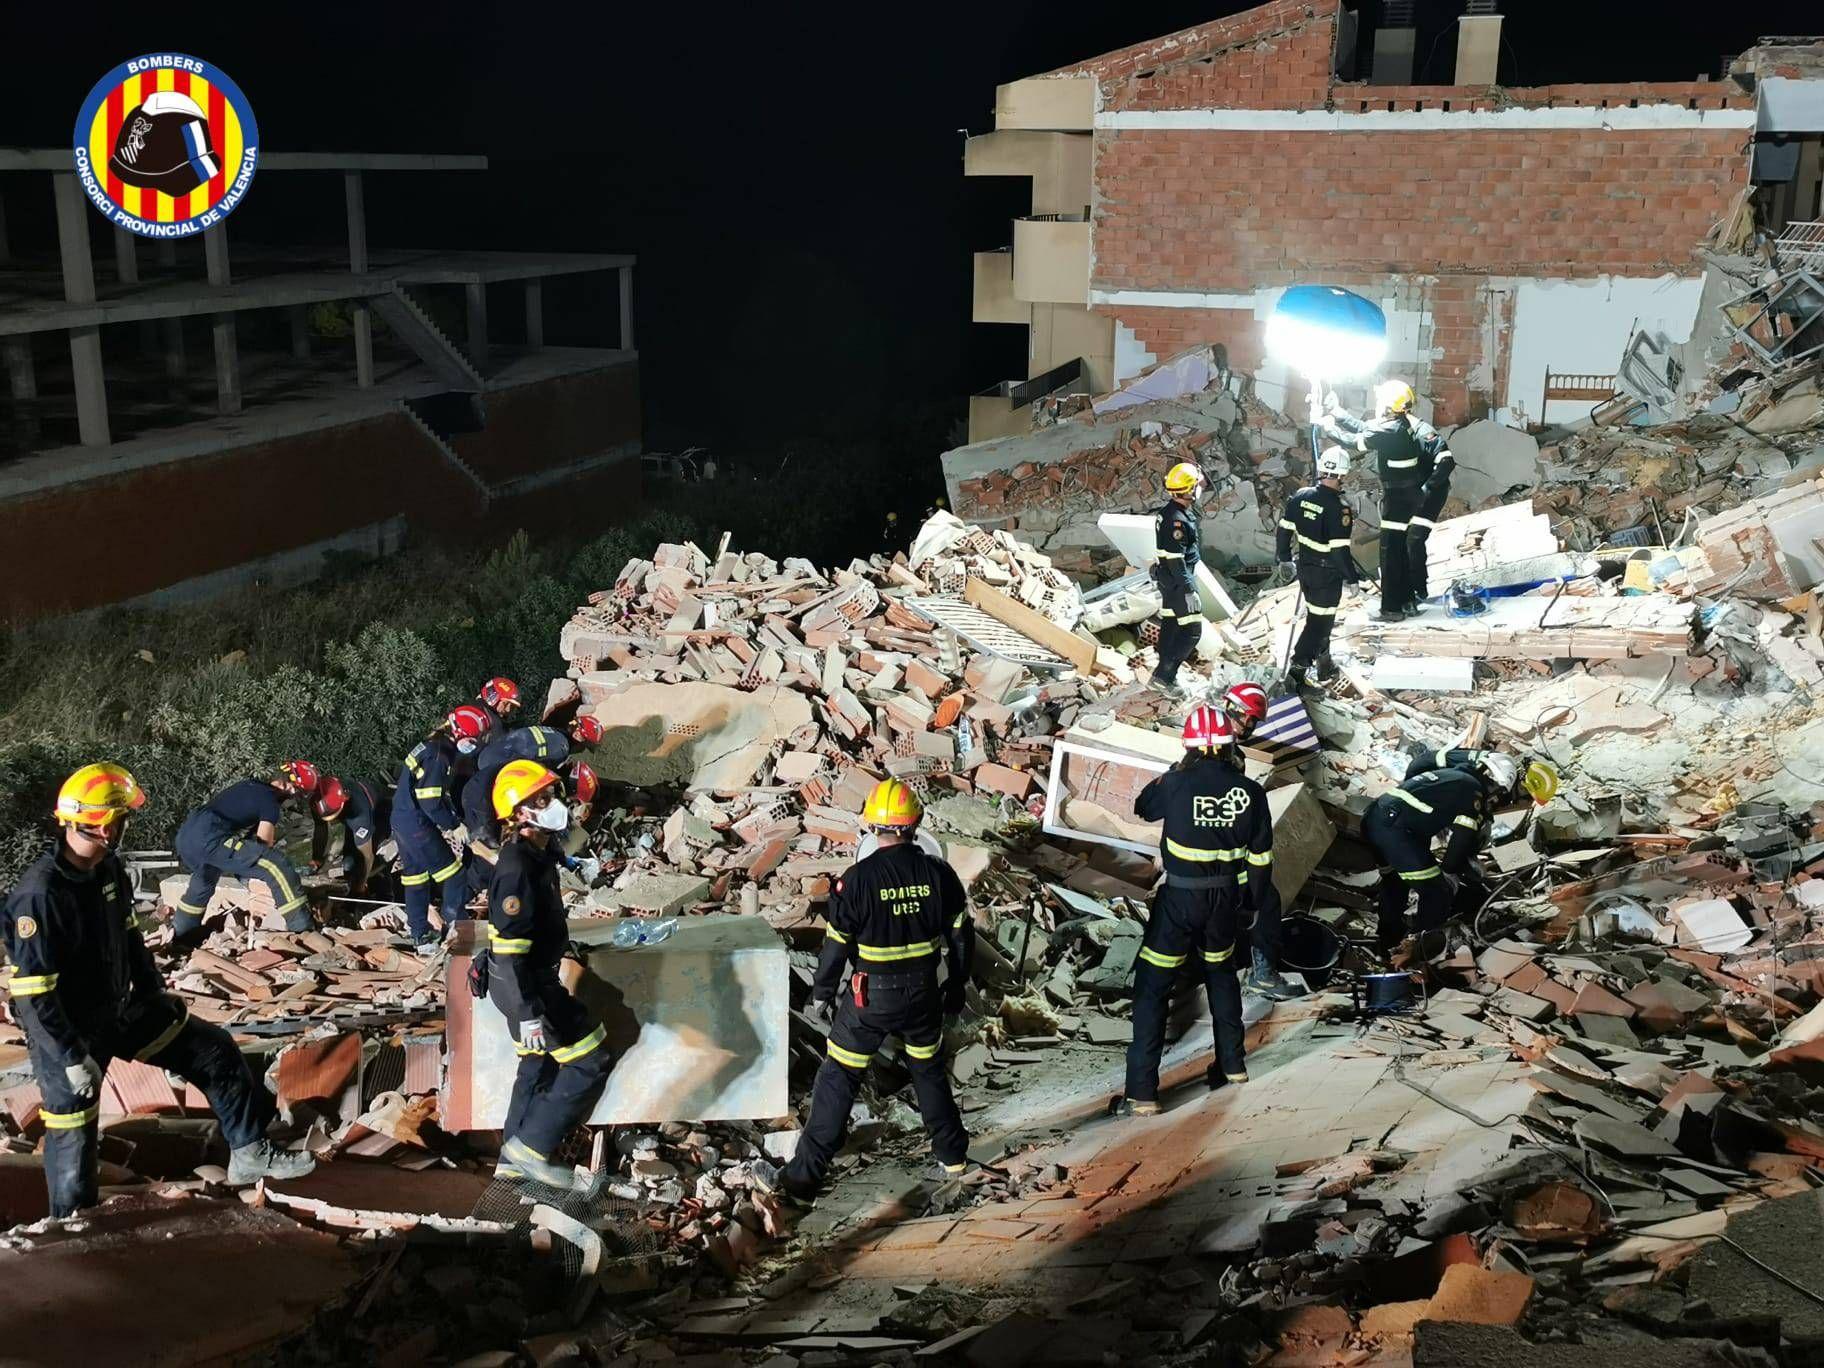 Tragedia en Peñíscola: El derrumbe de un edificio deja un menor fallecido